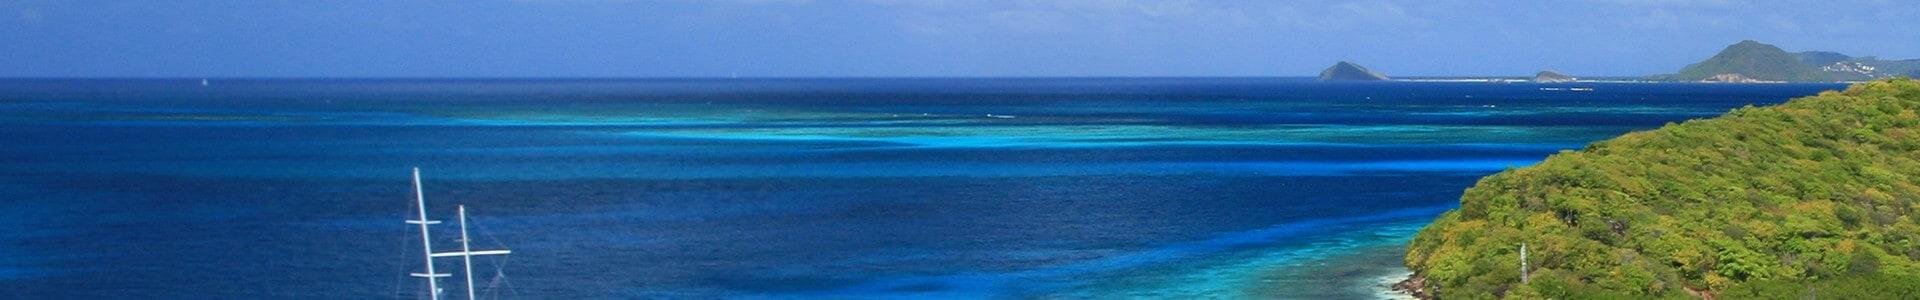 Voyage à Tobago - TUI